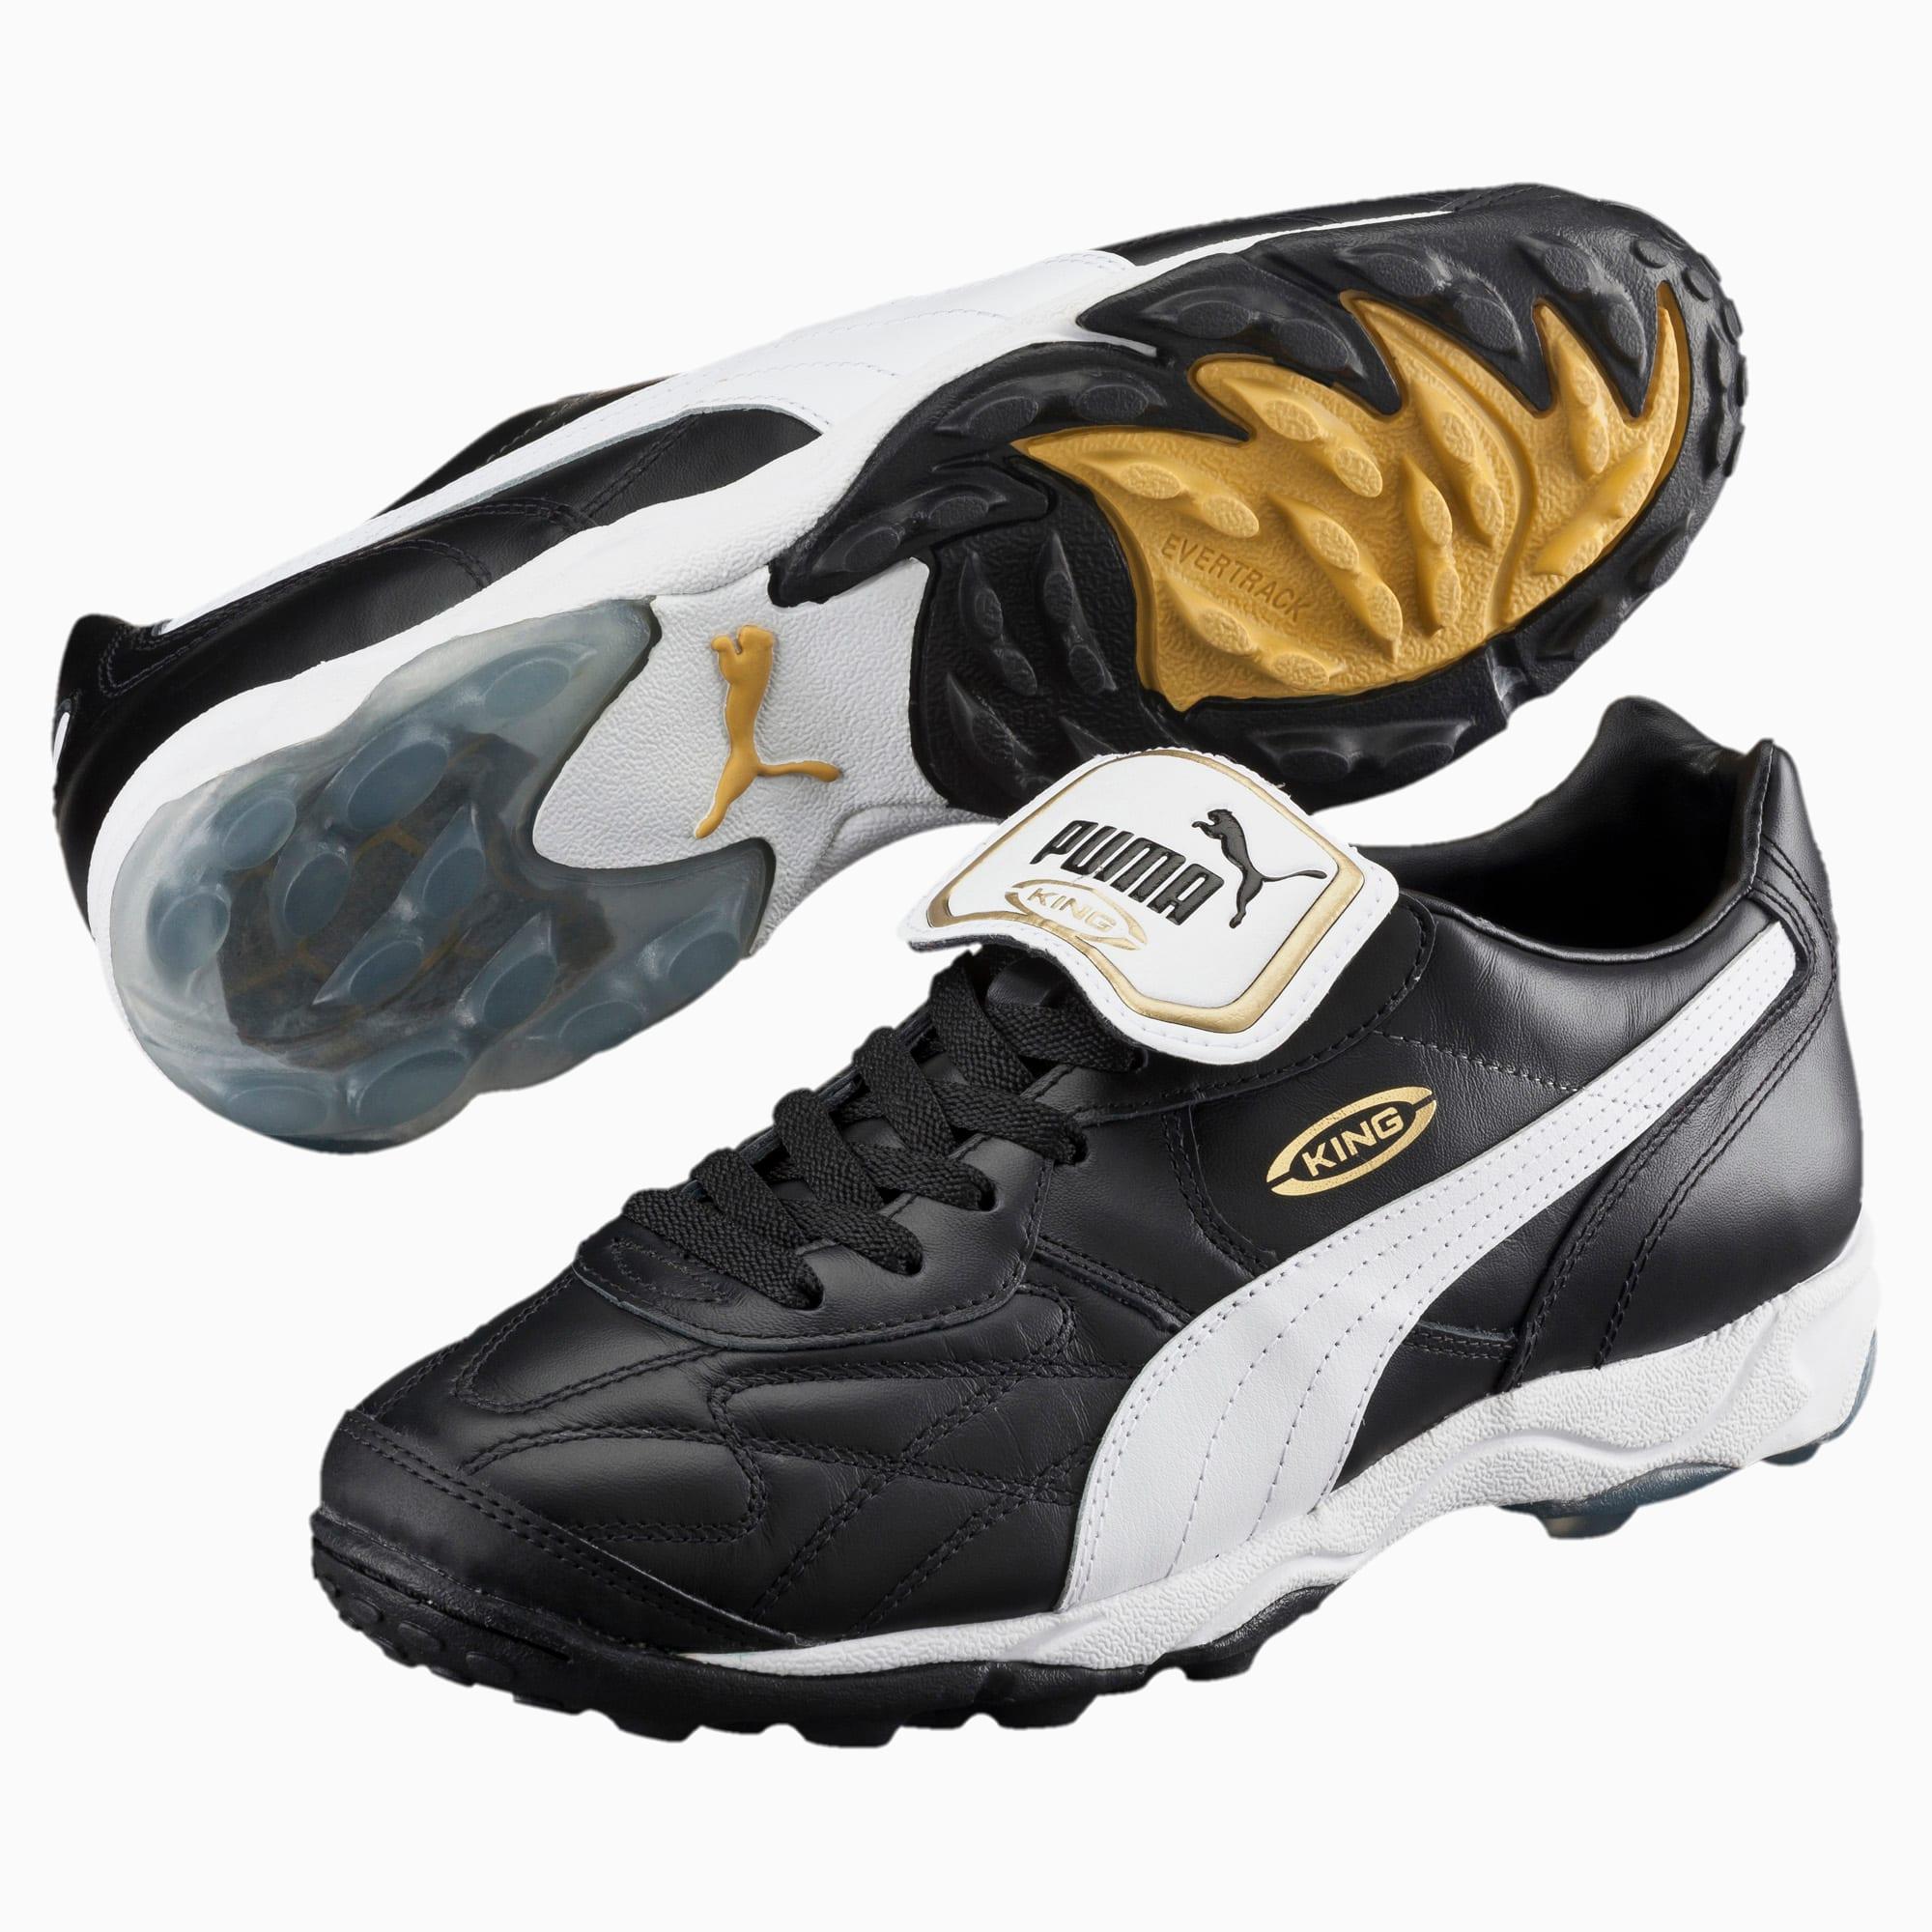 King Allround TT Men's Soccer Shoes